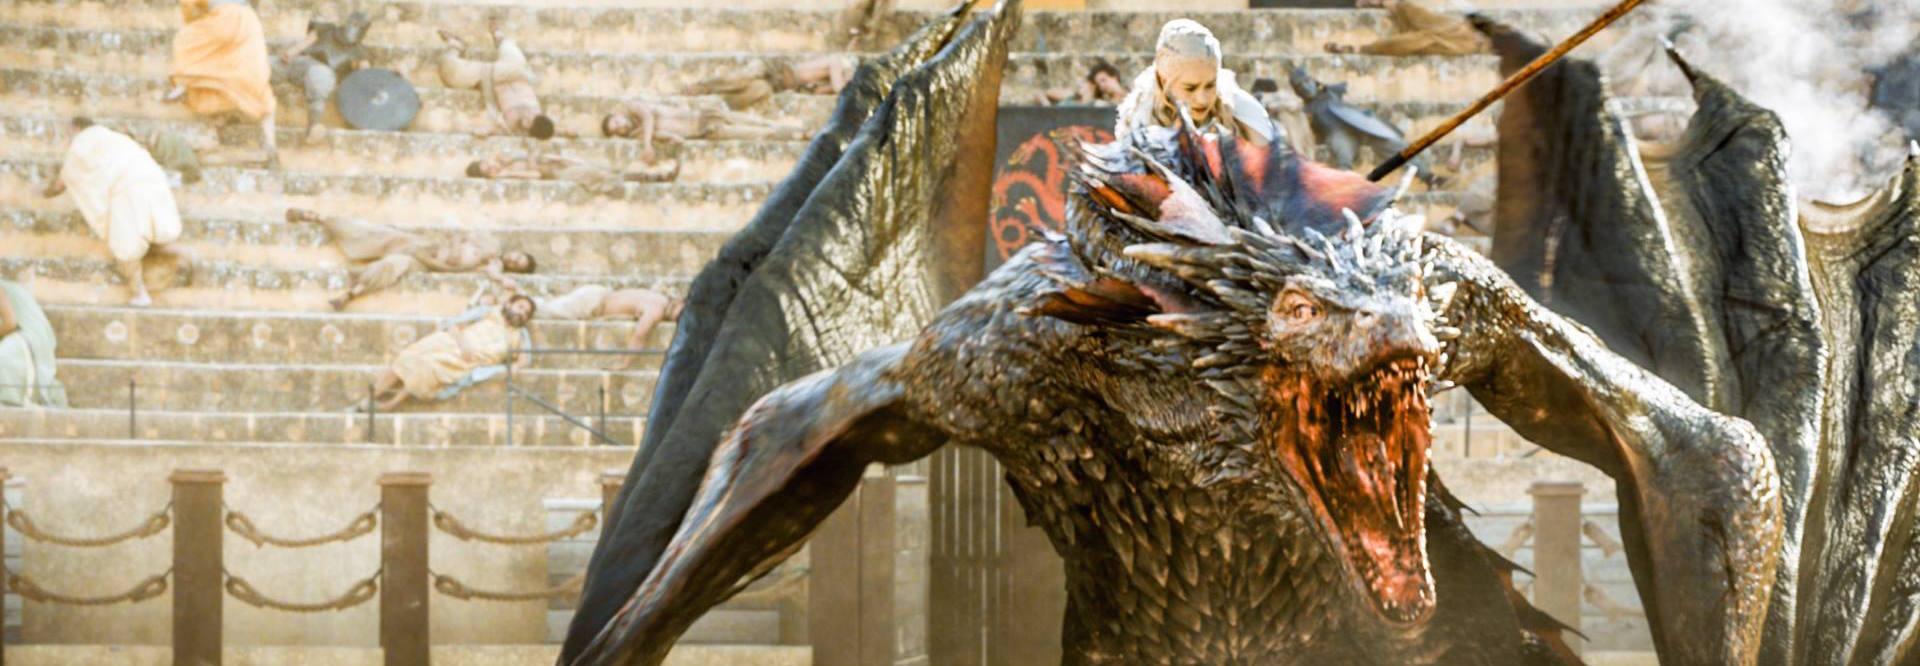 Drogon en pleno vuelo devastador...suspirando por otra gran batalla.